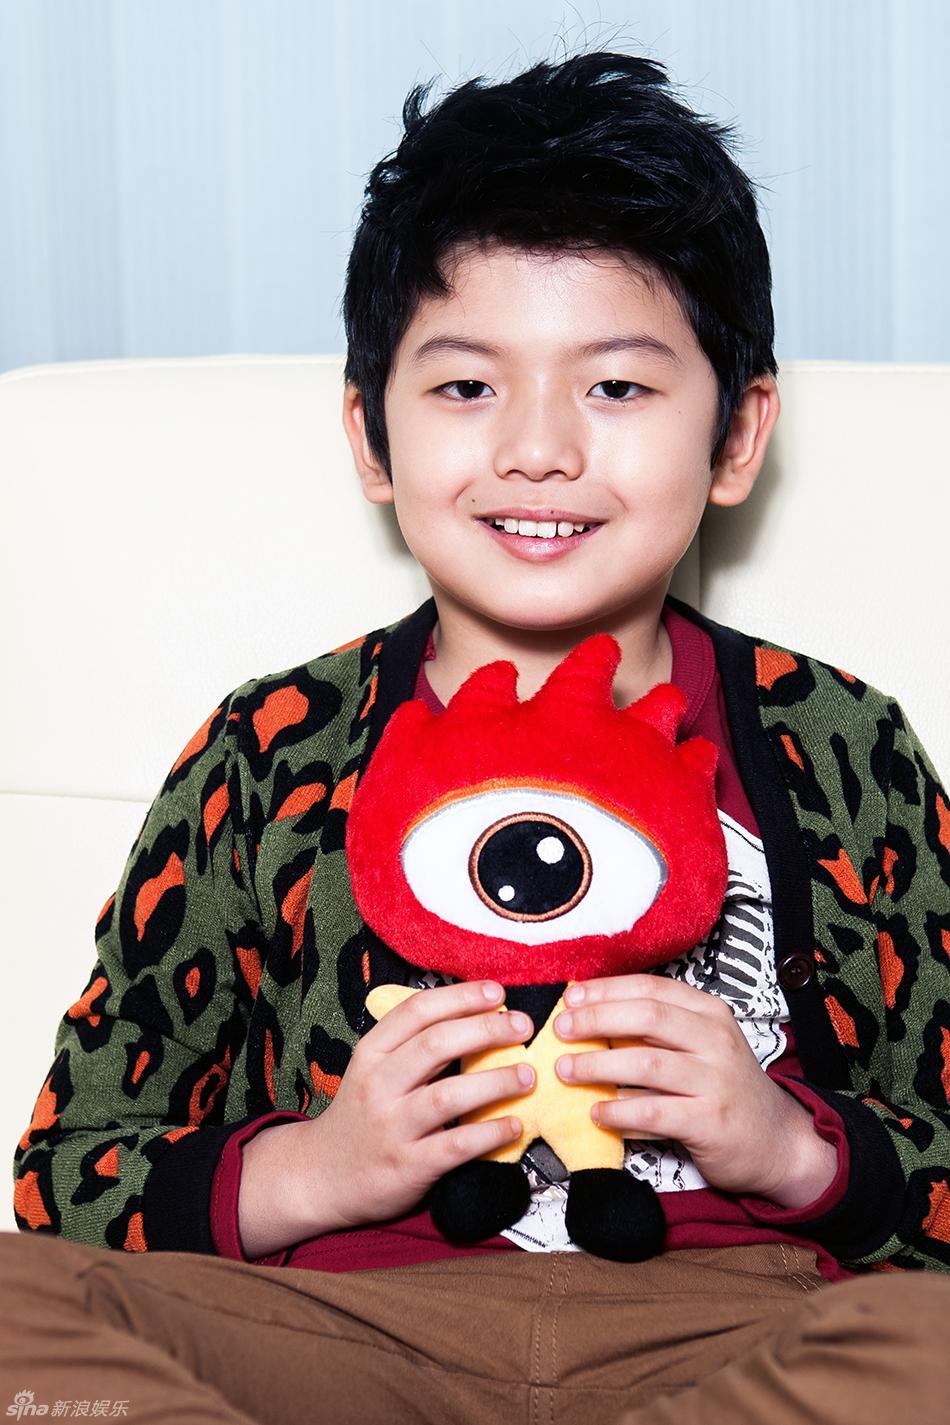 对话韩国童星王锡贤:我只是个小孩(组图)